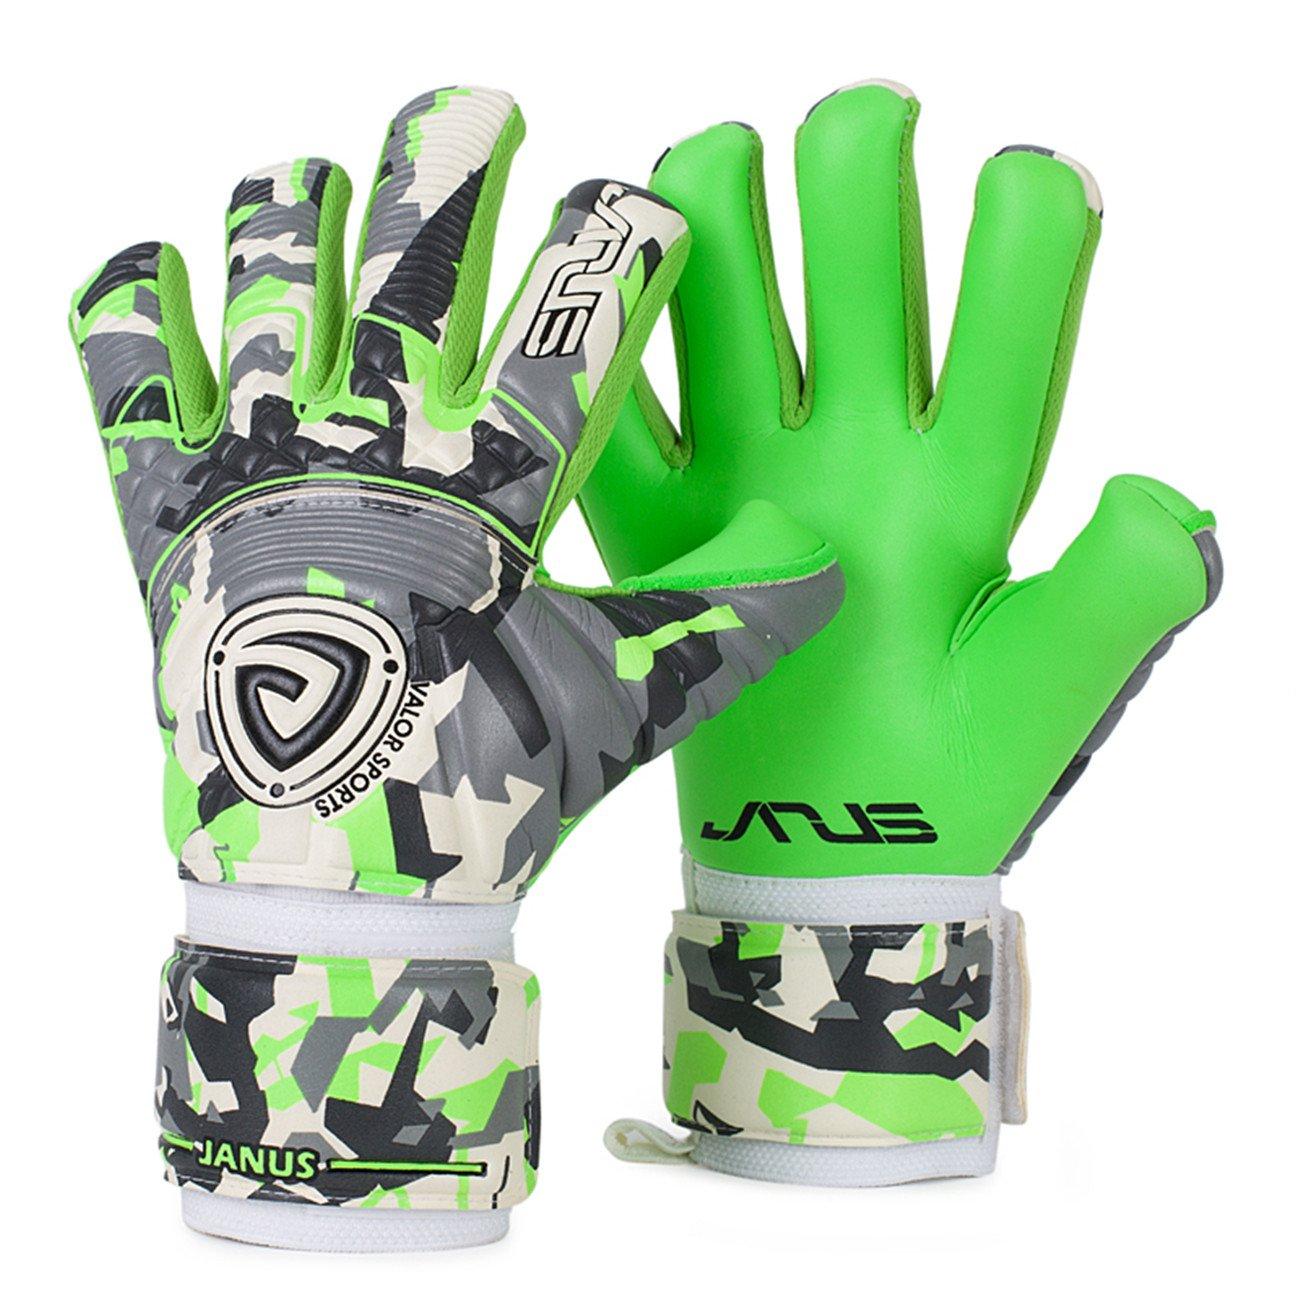 Jyh GoalieゴールキーパーGermanラテックス手袋with Removable Pro fingersaves、サイズ7 – 10ユニセックス大人用&ユースサッカーGoalies B07BHSC8PDグリーン/グレー 9